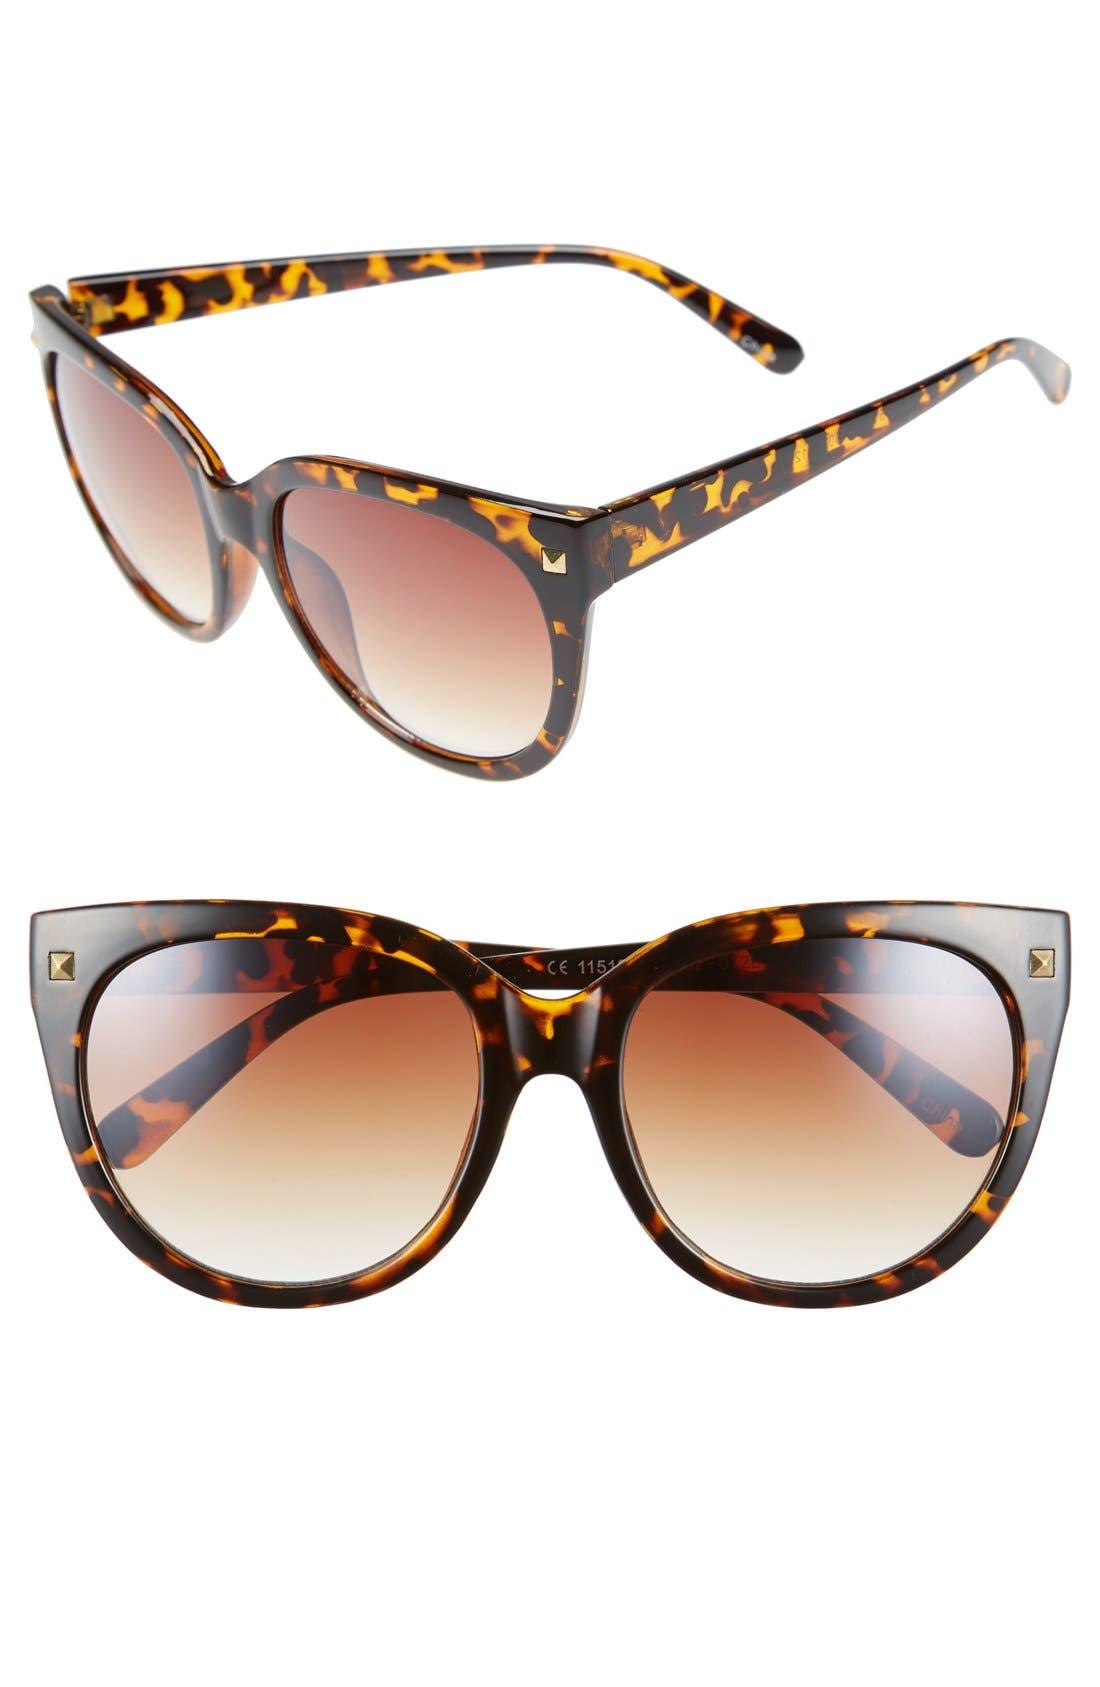 Alternate Image 1 Selected - BP. 55mm Oversize Cat Eye Sunglasses